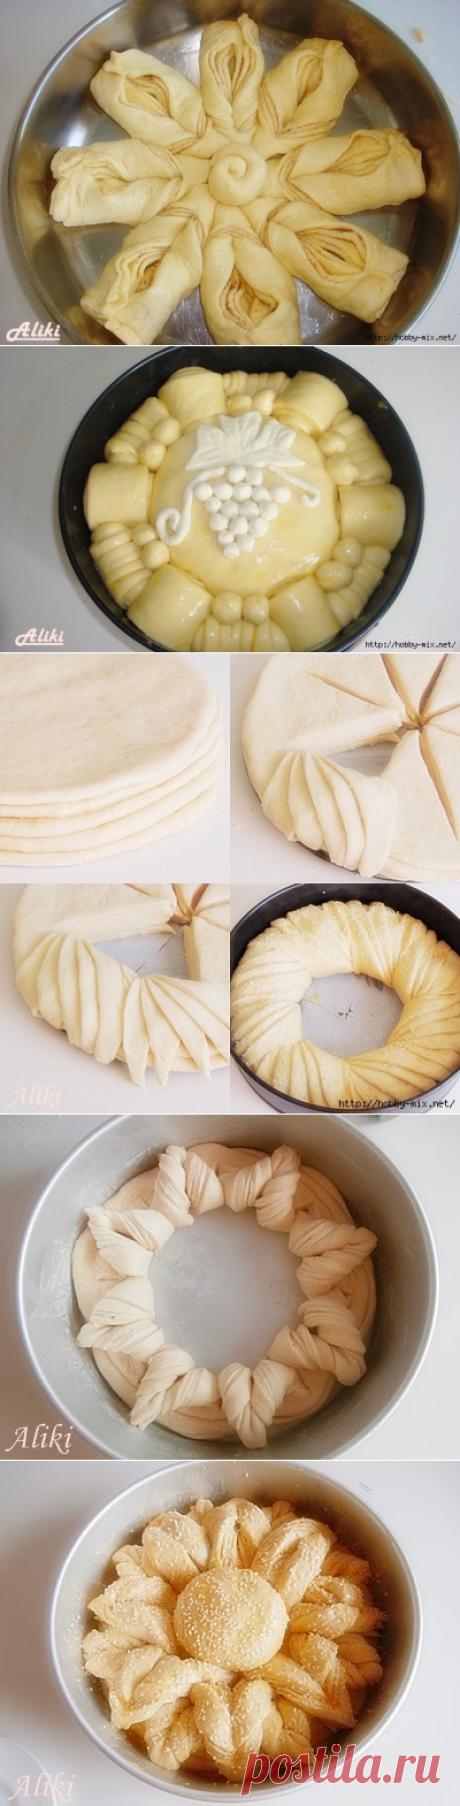 Красивая выпечка- пироги. 5 способов разделки теста